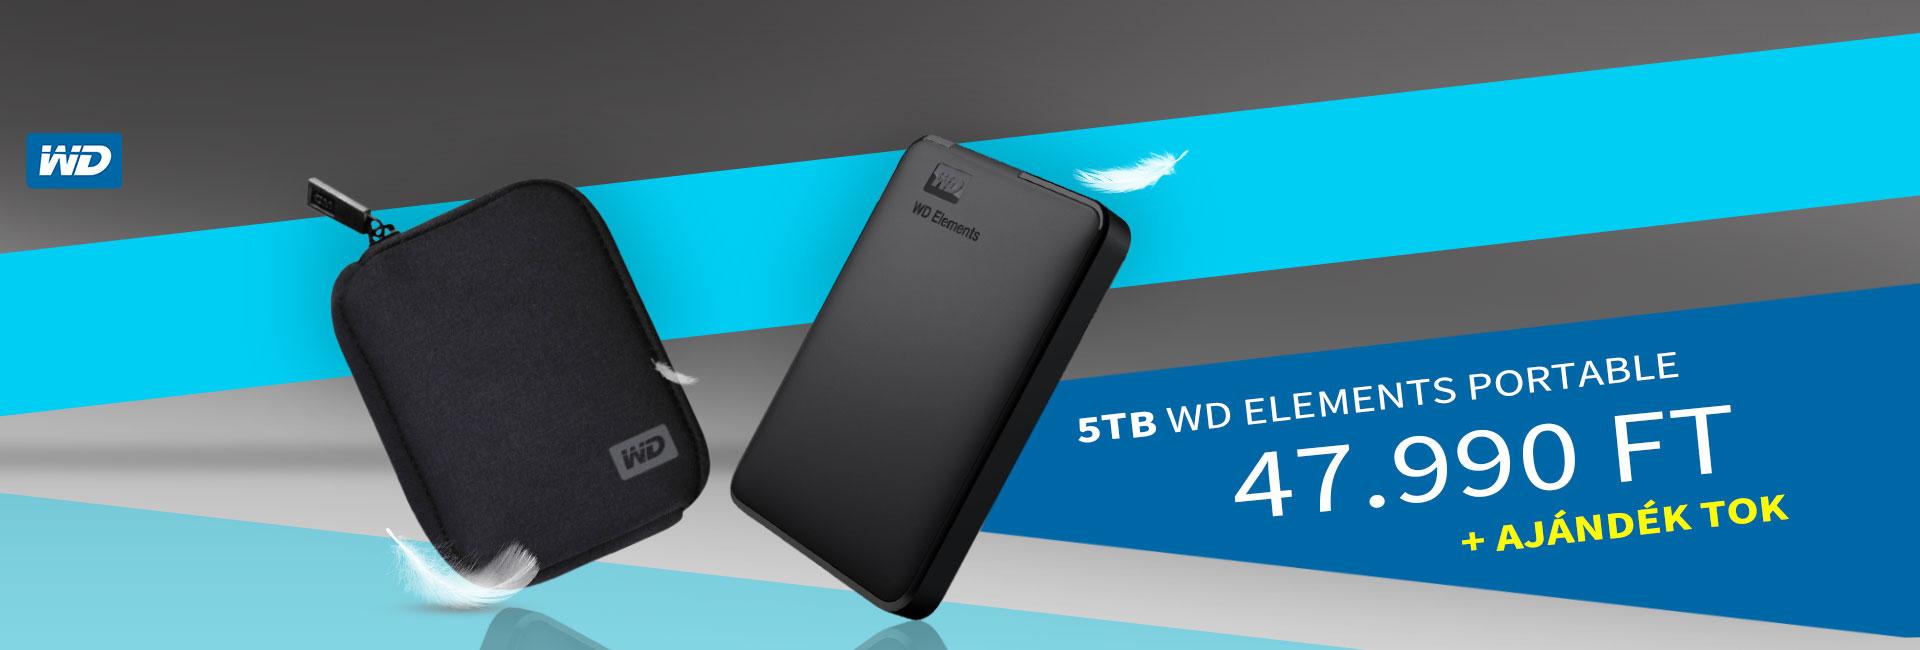 Western Digital Elements Portable 5TB